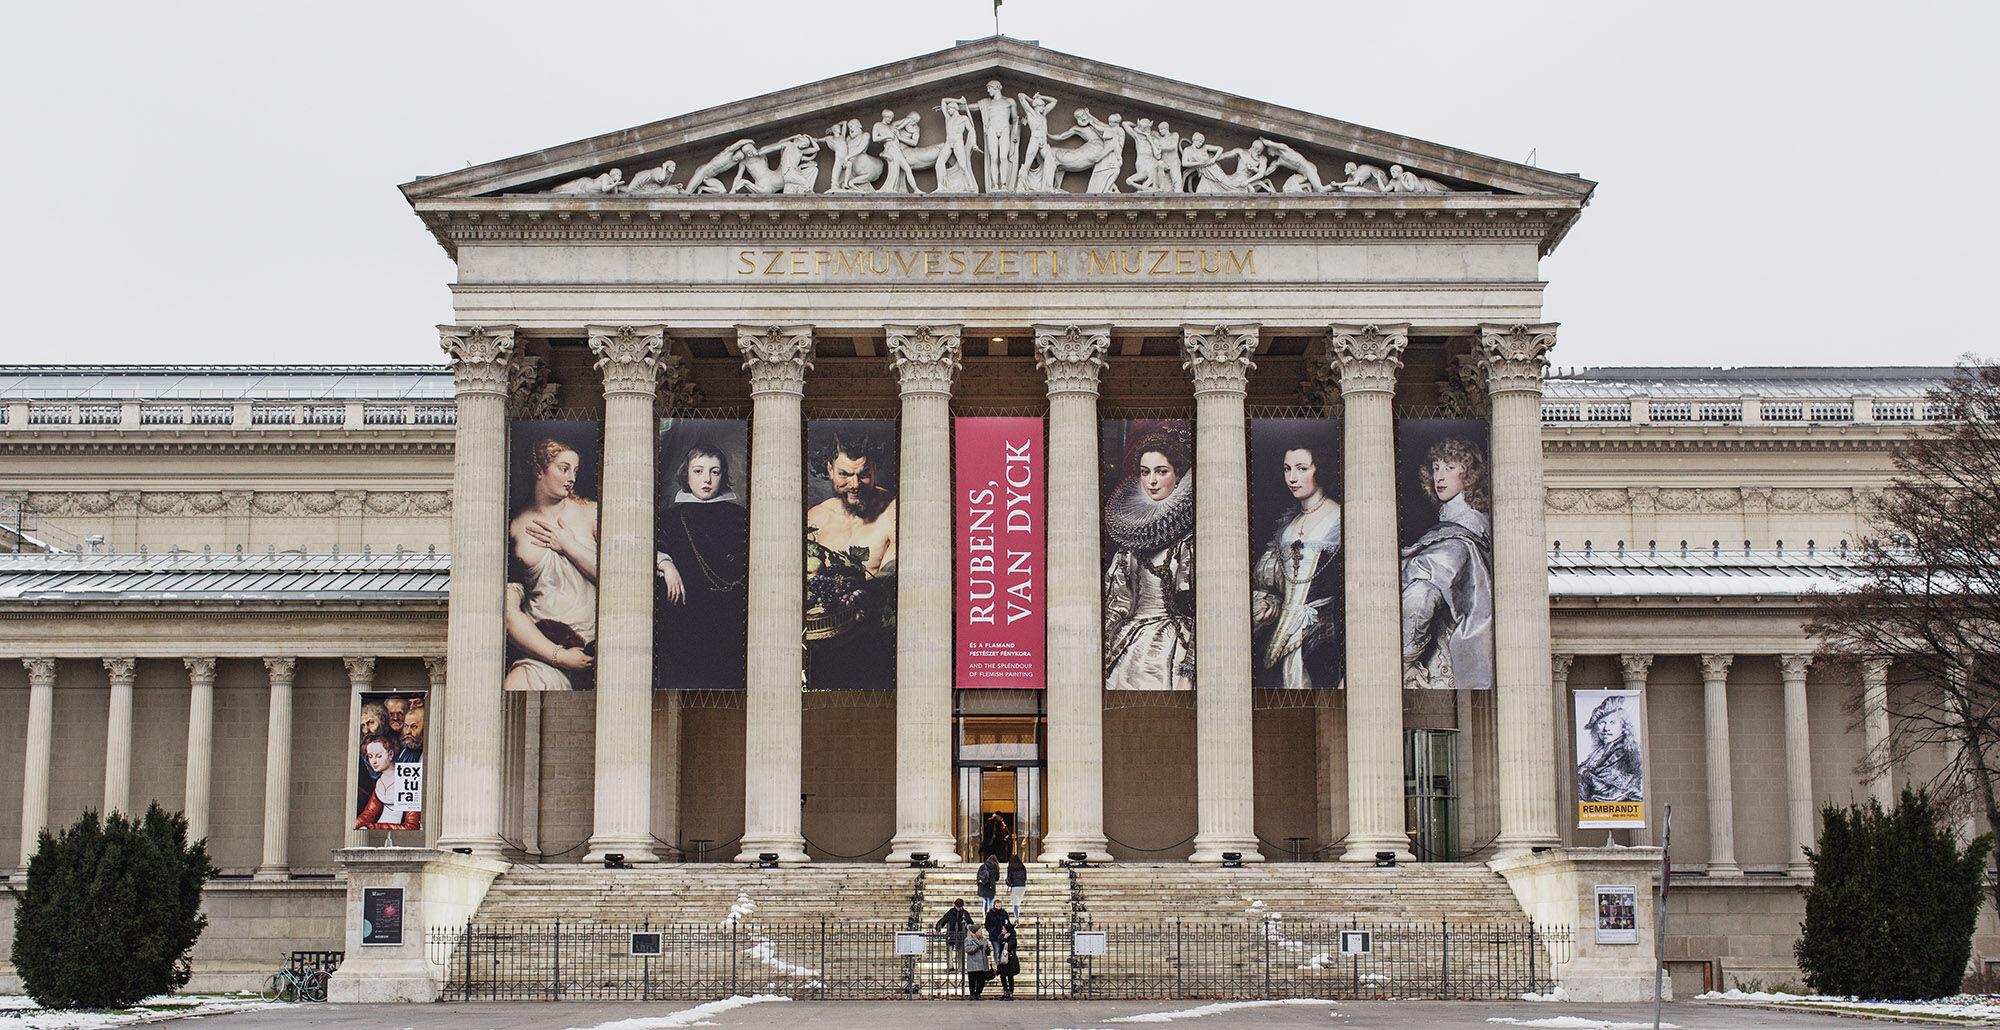 Bezár a Szépművészeti Múzeum is